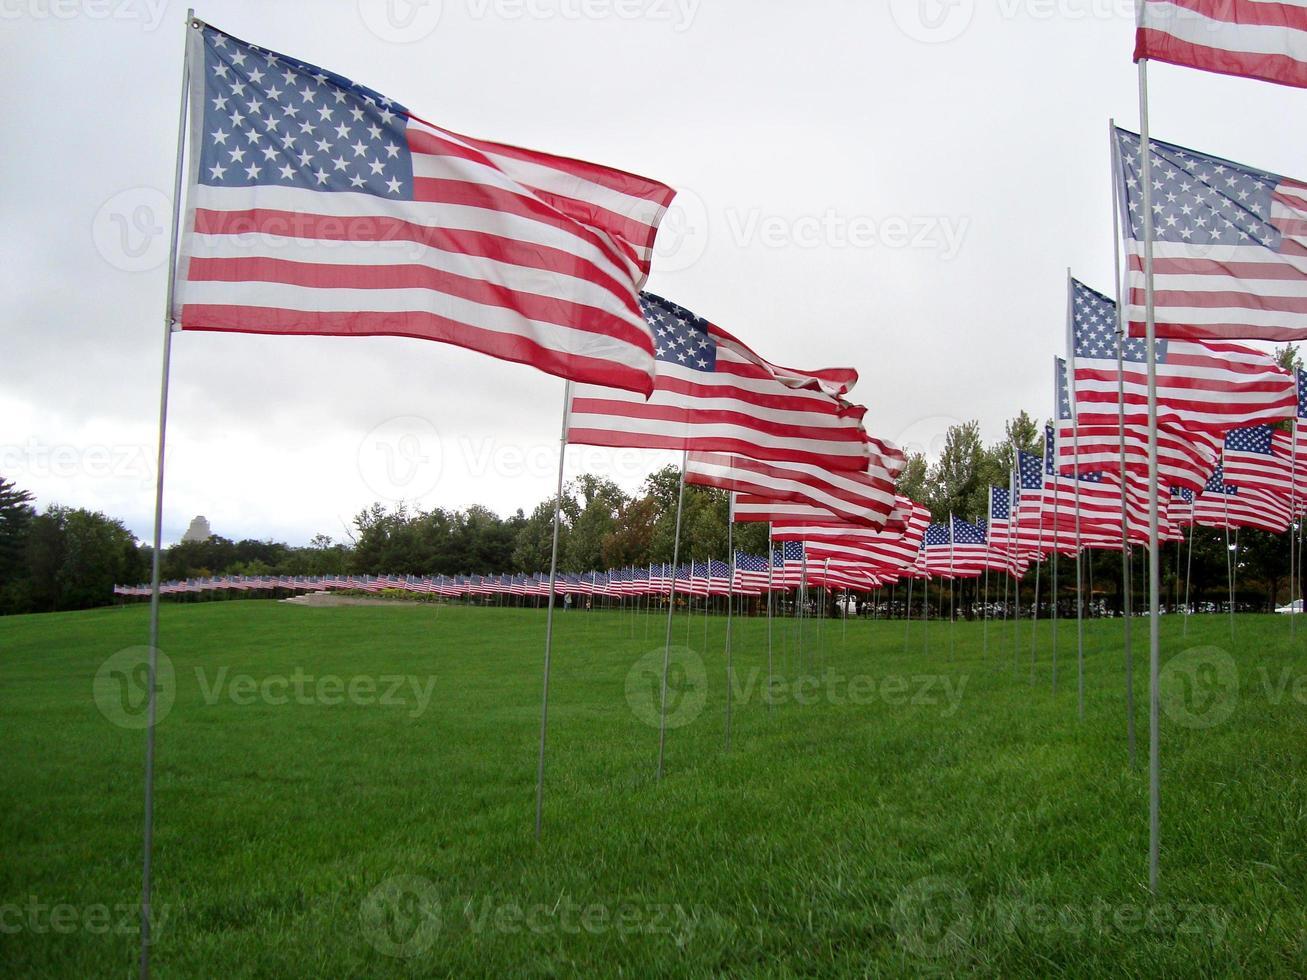 drapeaux américains en l'honneur des attentats du 11 septembre photo